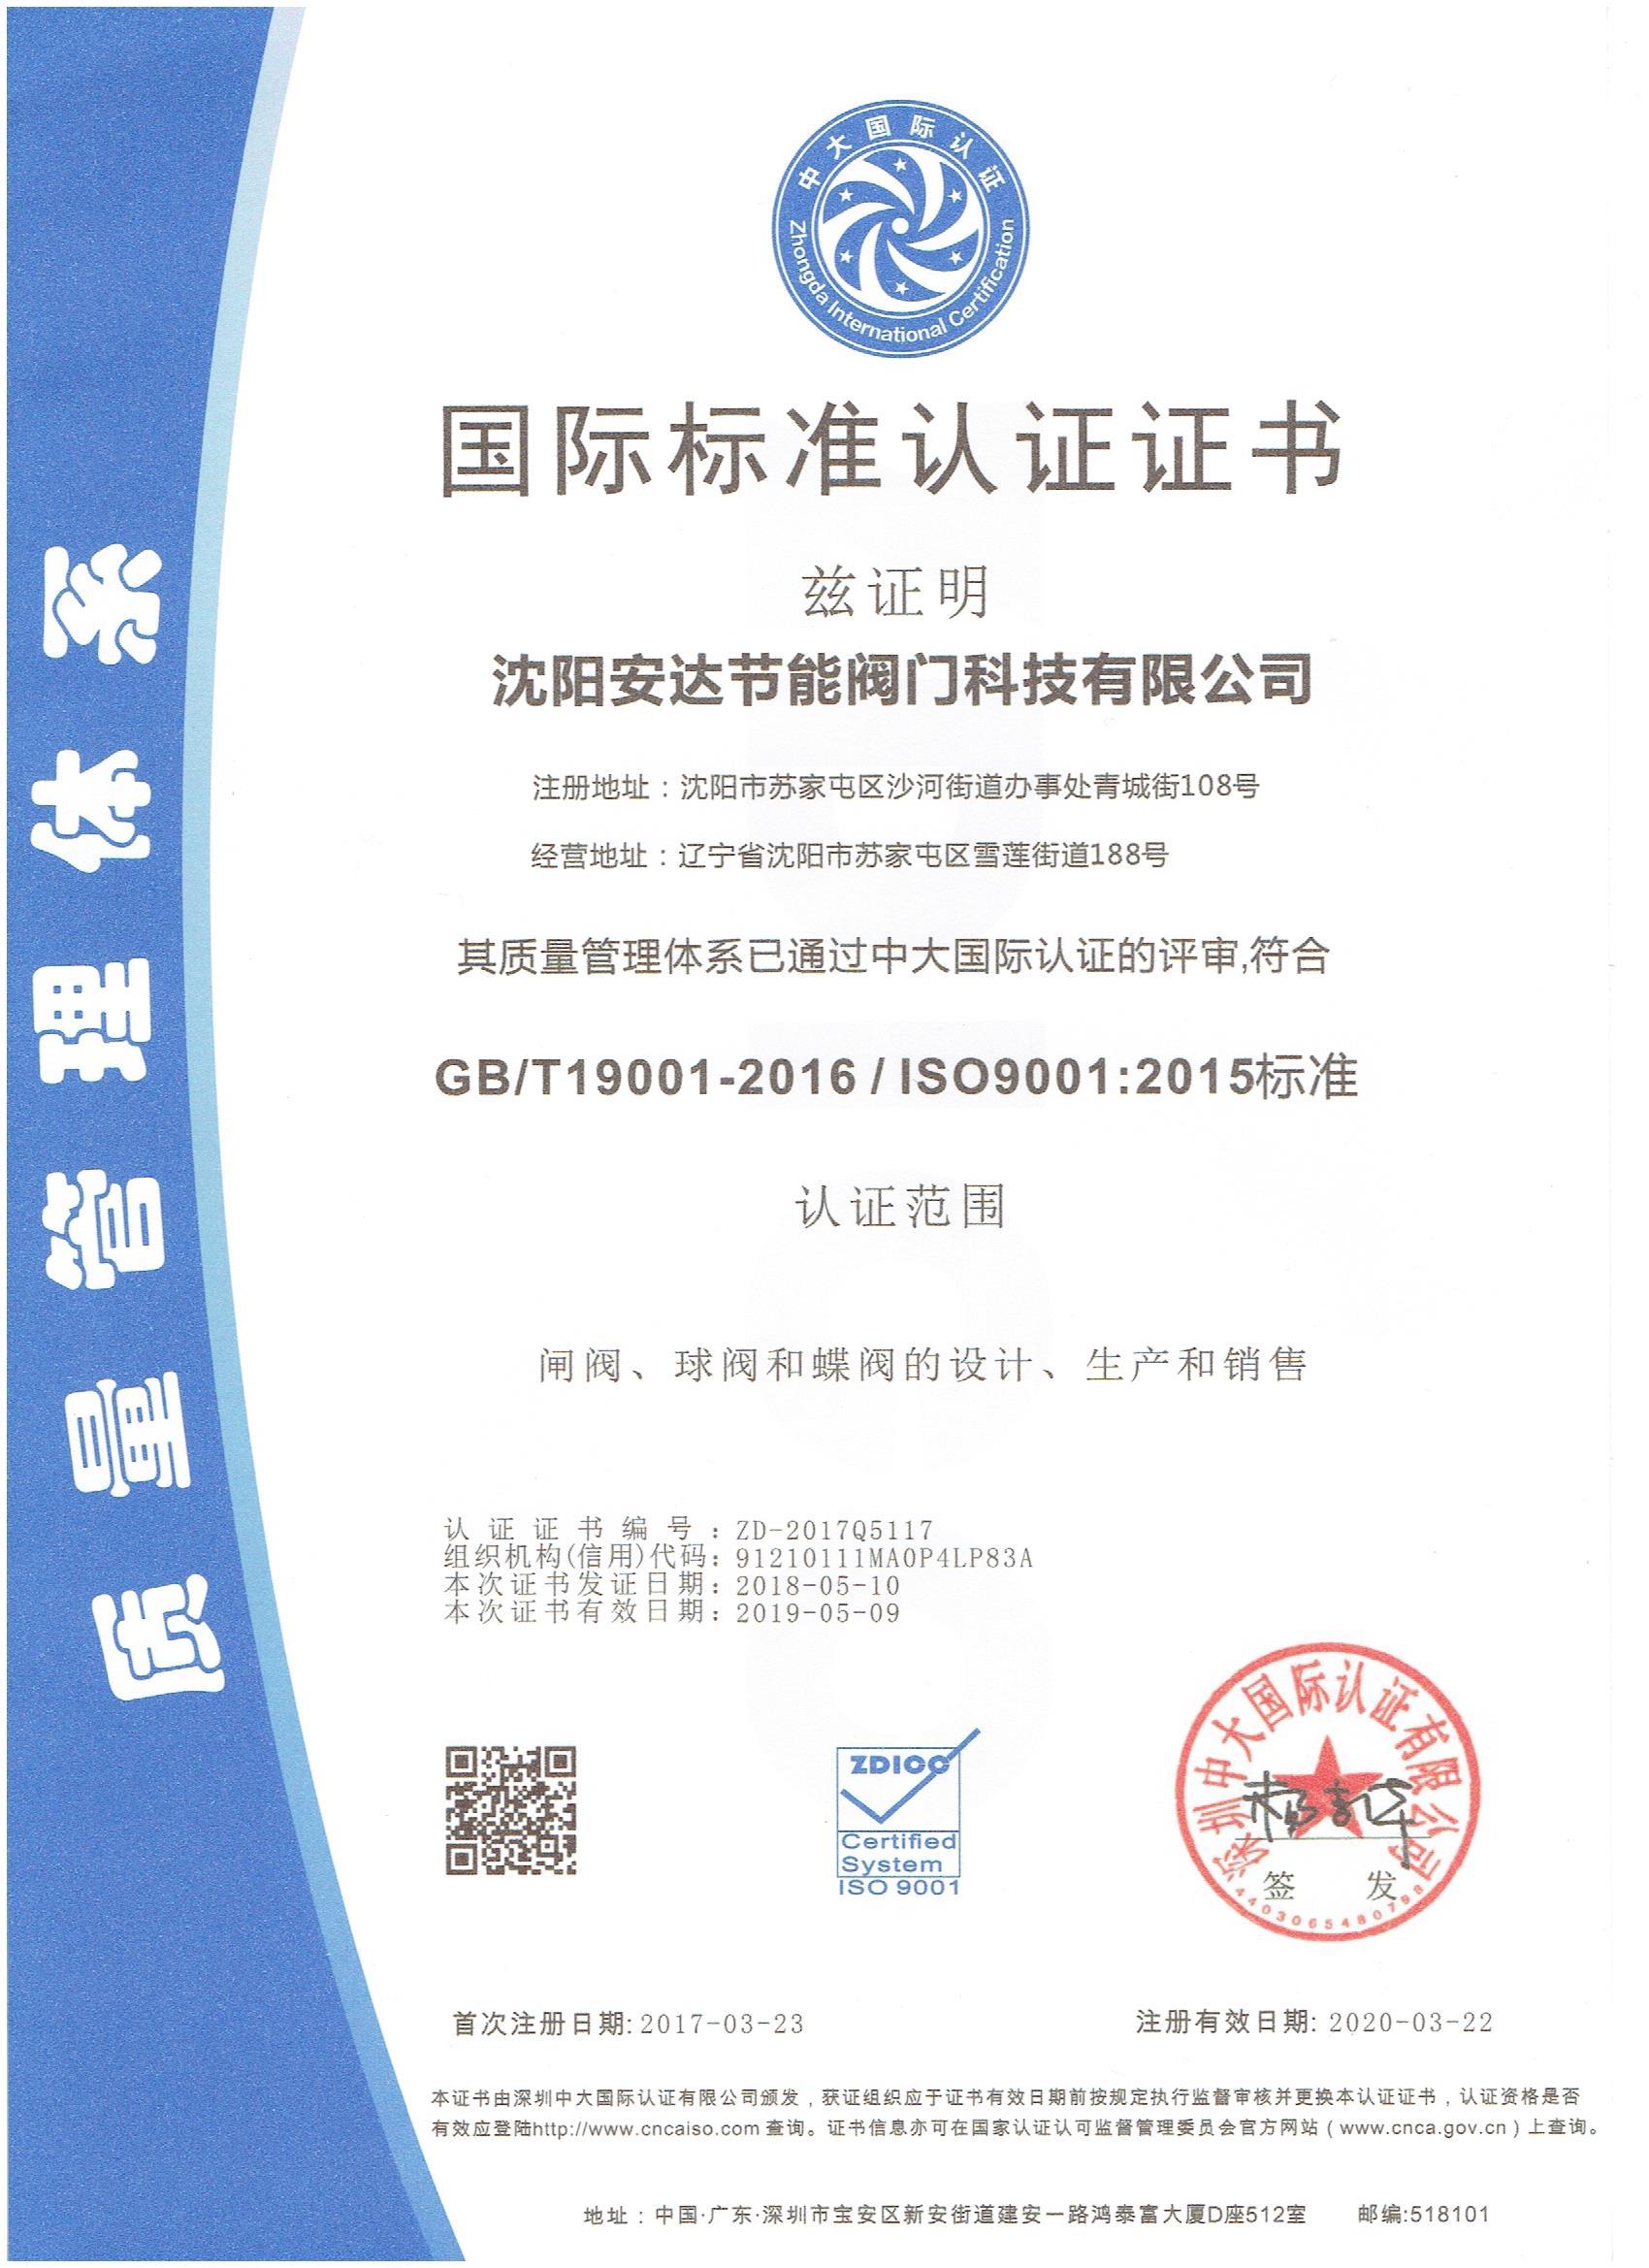 安达贝博|西甲赞助商质量管理体系认证证书